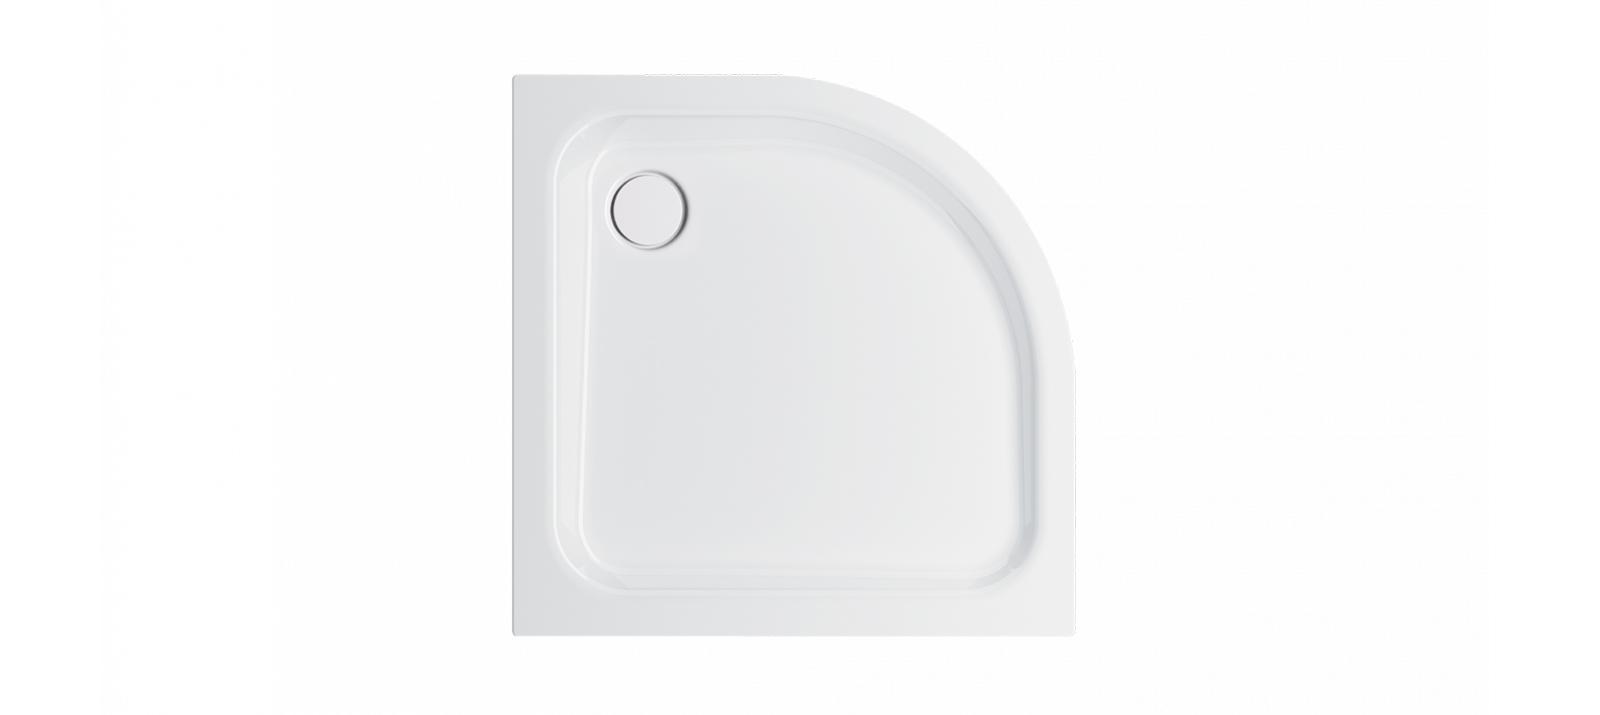 duschwanne flach top duschwanne einbauen ebenerdig duschwanne flach einbauen gispatcher. Black Bedroom Furniture Sets. Home Design Ideas